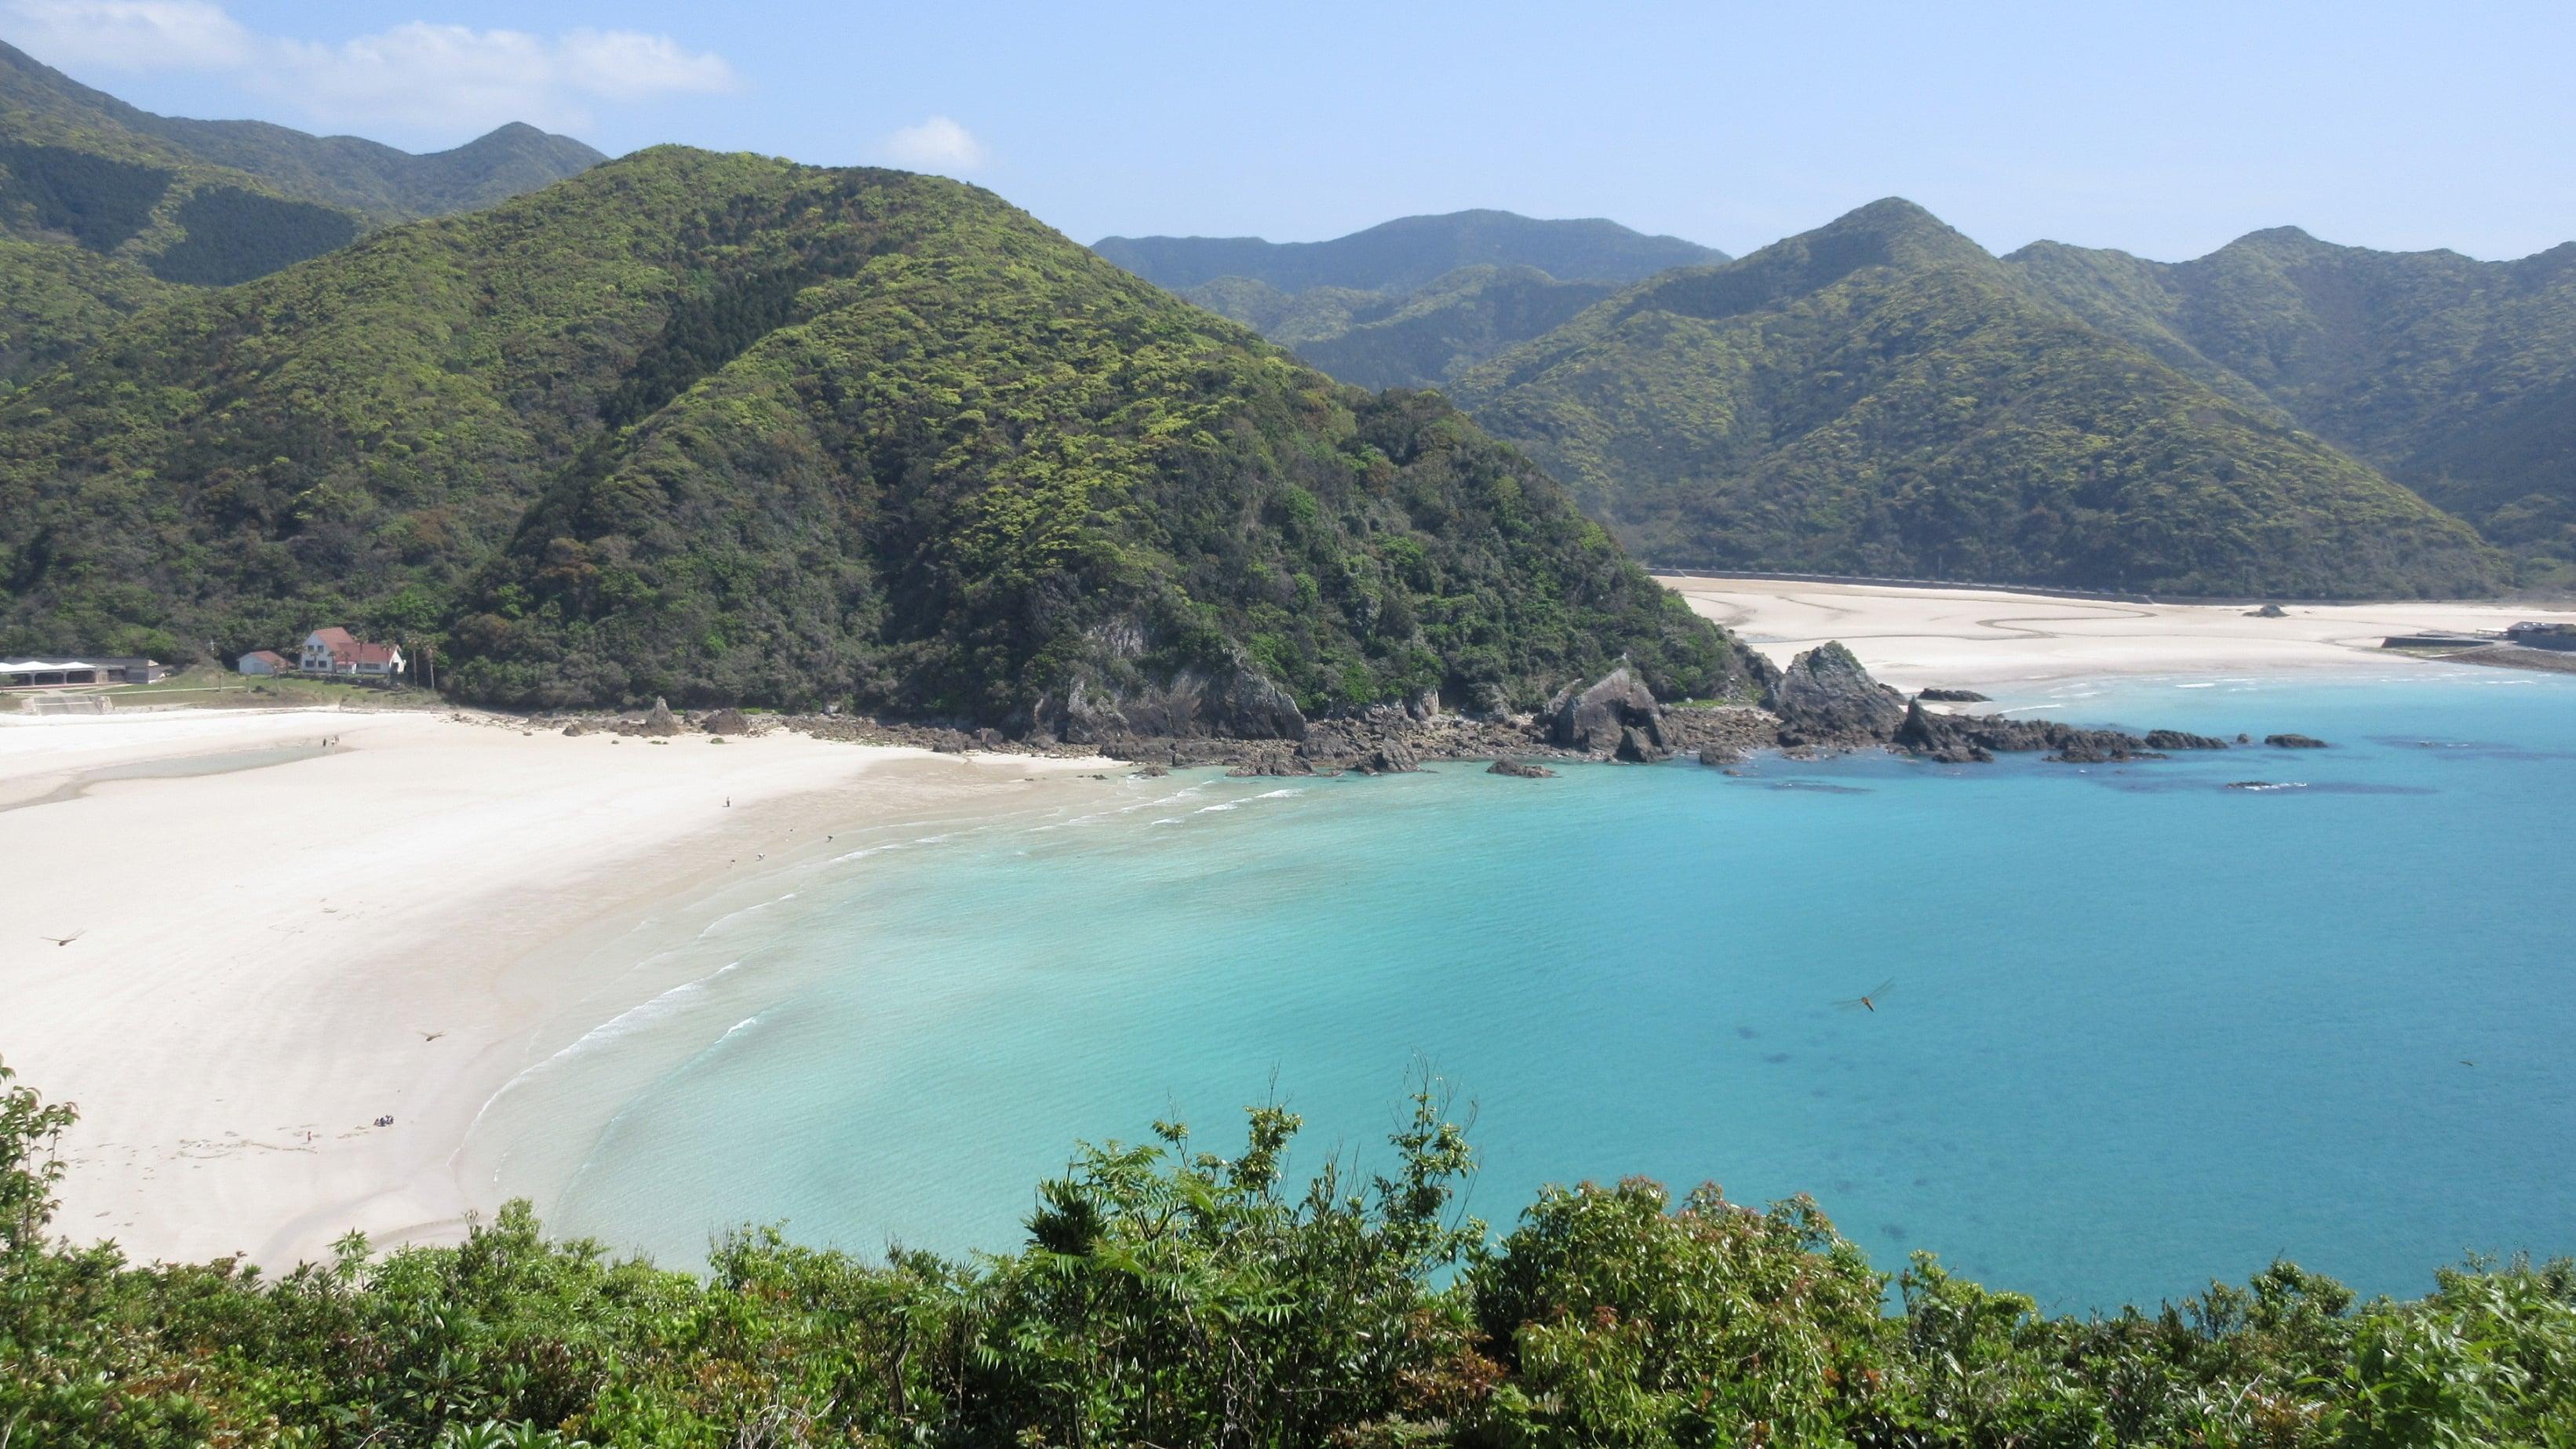 東京や関西からも週末にゆったり楽しめる、五島列島のフェリー旅プラン!